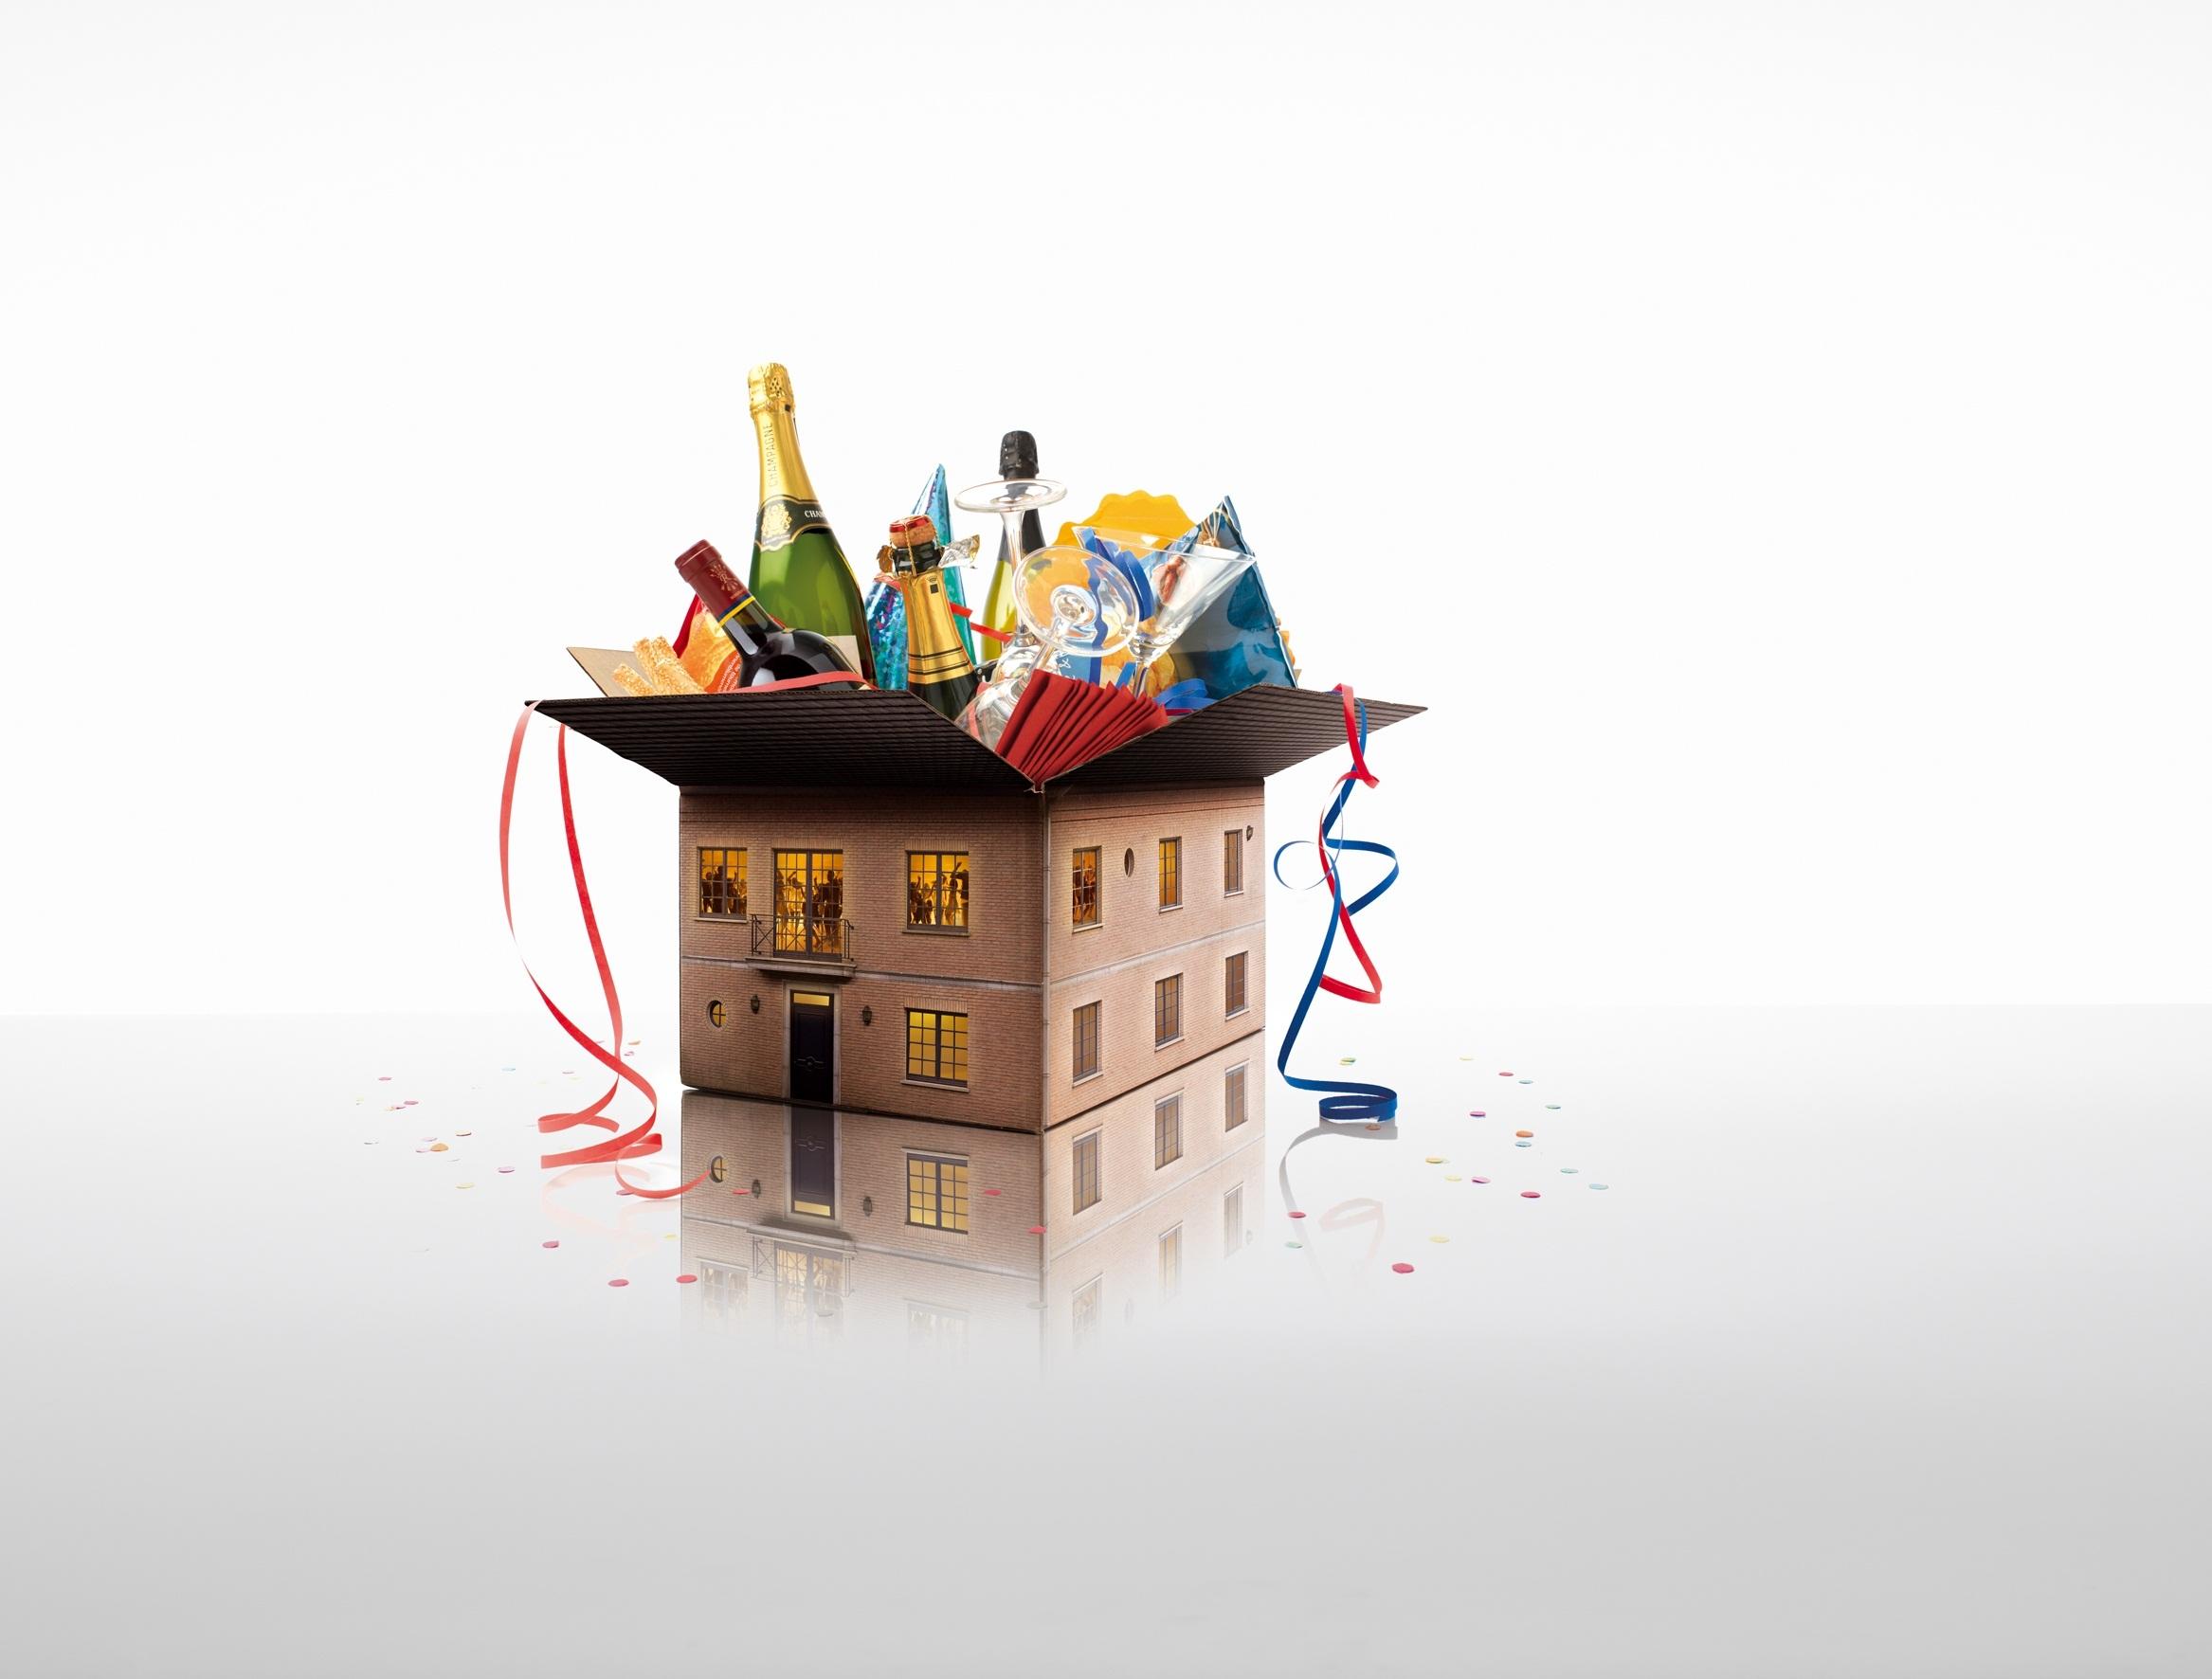 Trouver une idée de cadeau de crémaillère pour vos proches qui déménagent